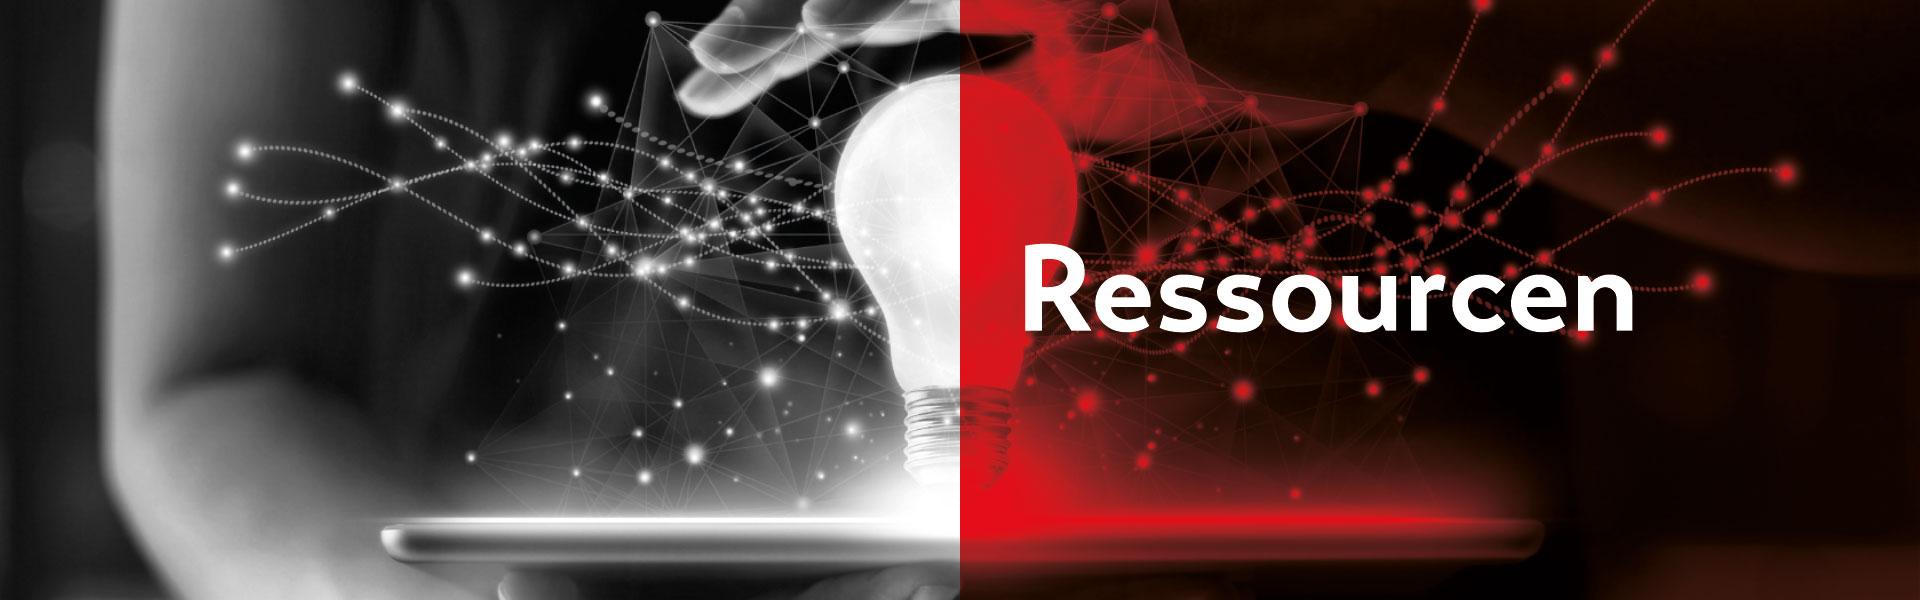 Das Bild ist stilisch in Schwarz weiß gehalten und die rechte in Rot eingefärbt. In der rechten Bildhälfte steht der Schriftzug Ressourcen. Im Hintergrund befindet sich mittig eine große Glühbirne, welche oberhalb von einer Hand ergriffen wird. Viele Funken, die für Innovation und Forschung stehen, sprühen herum.